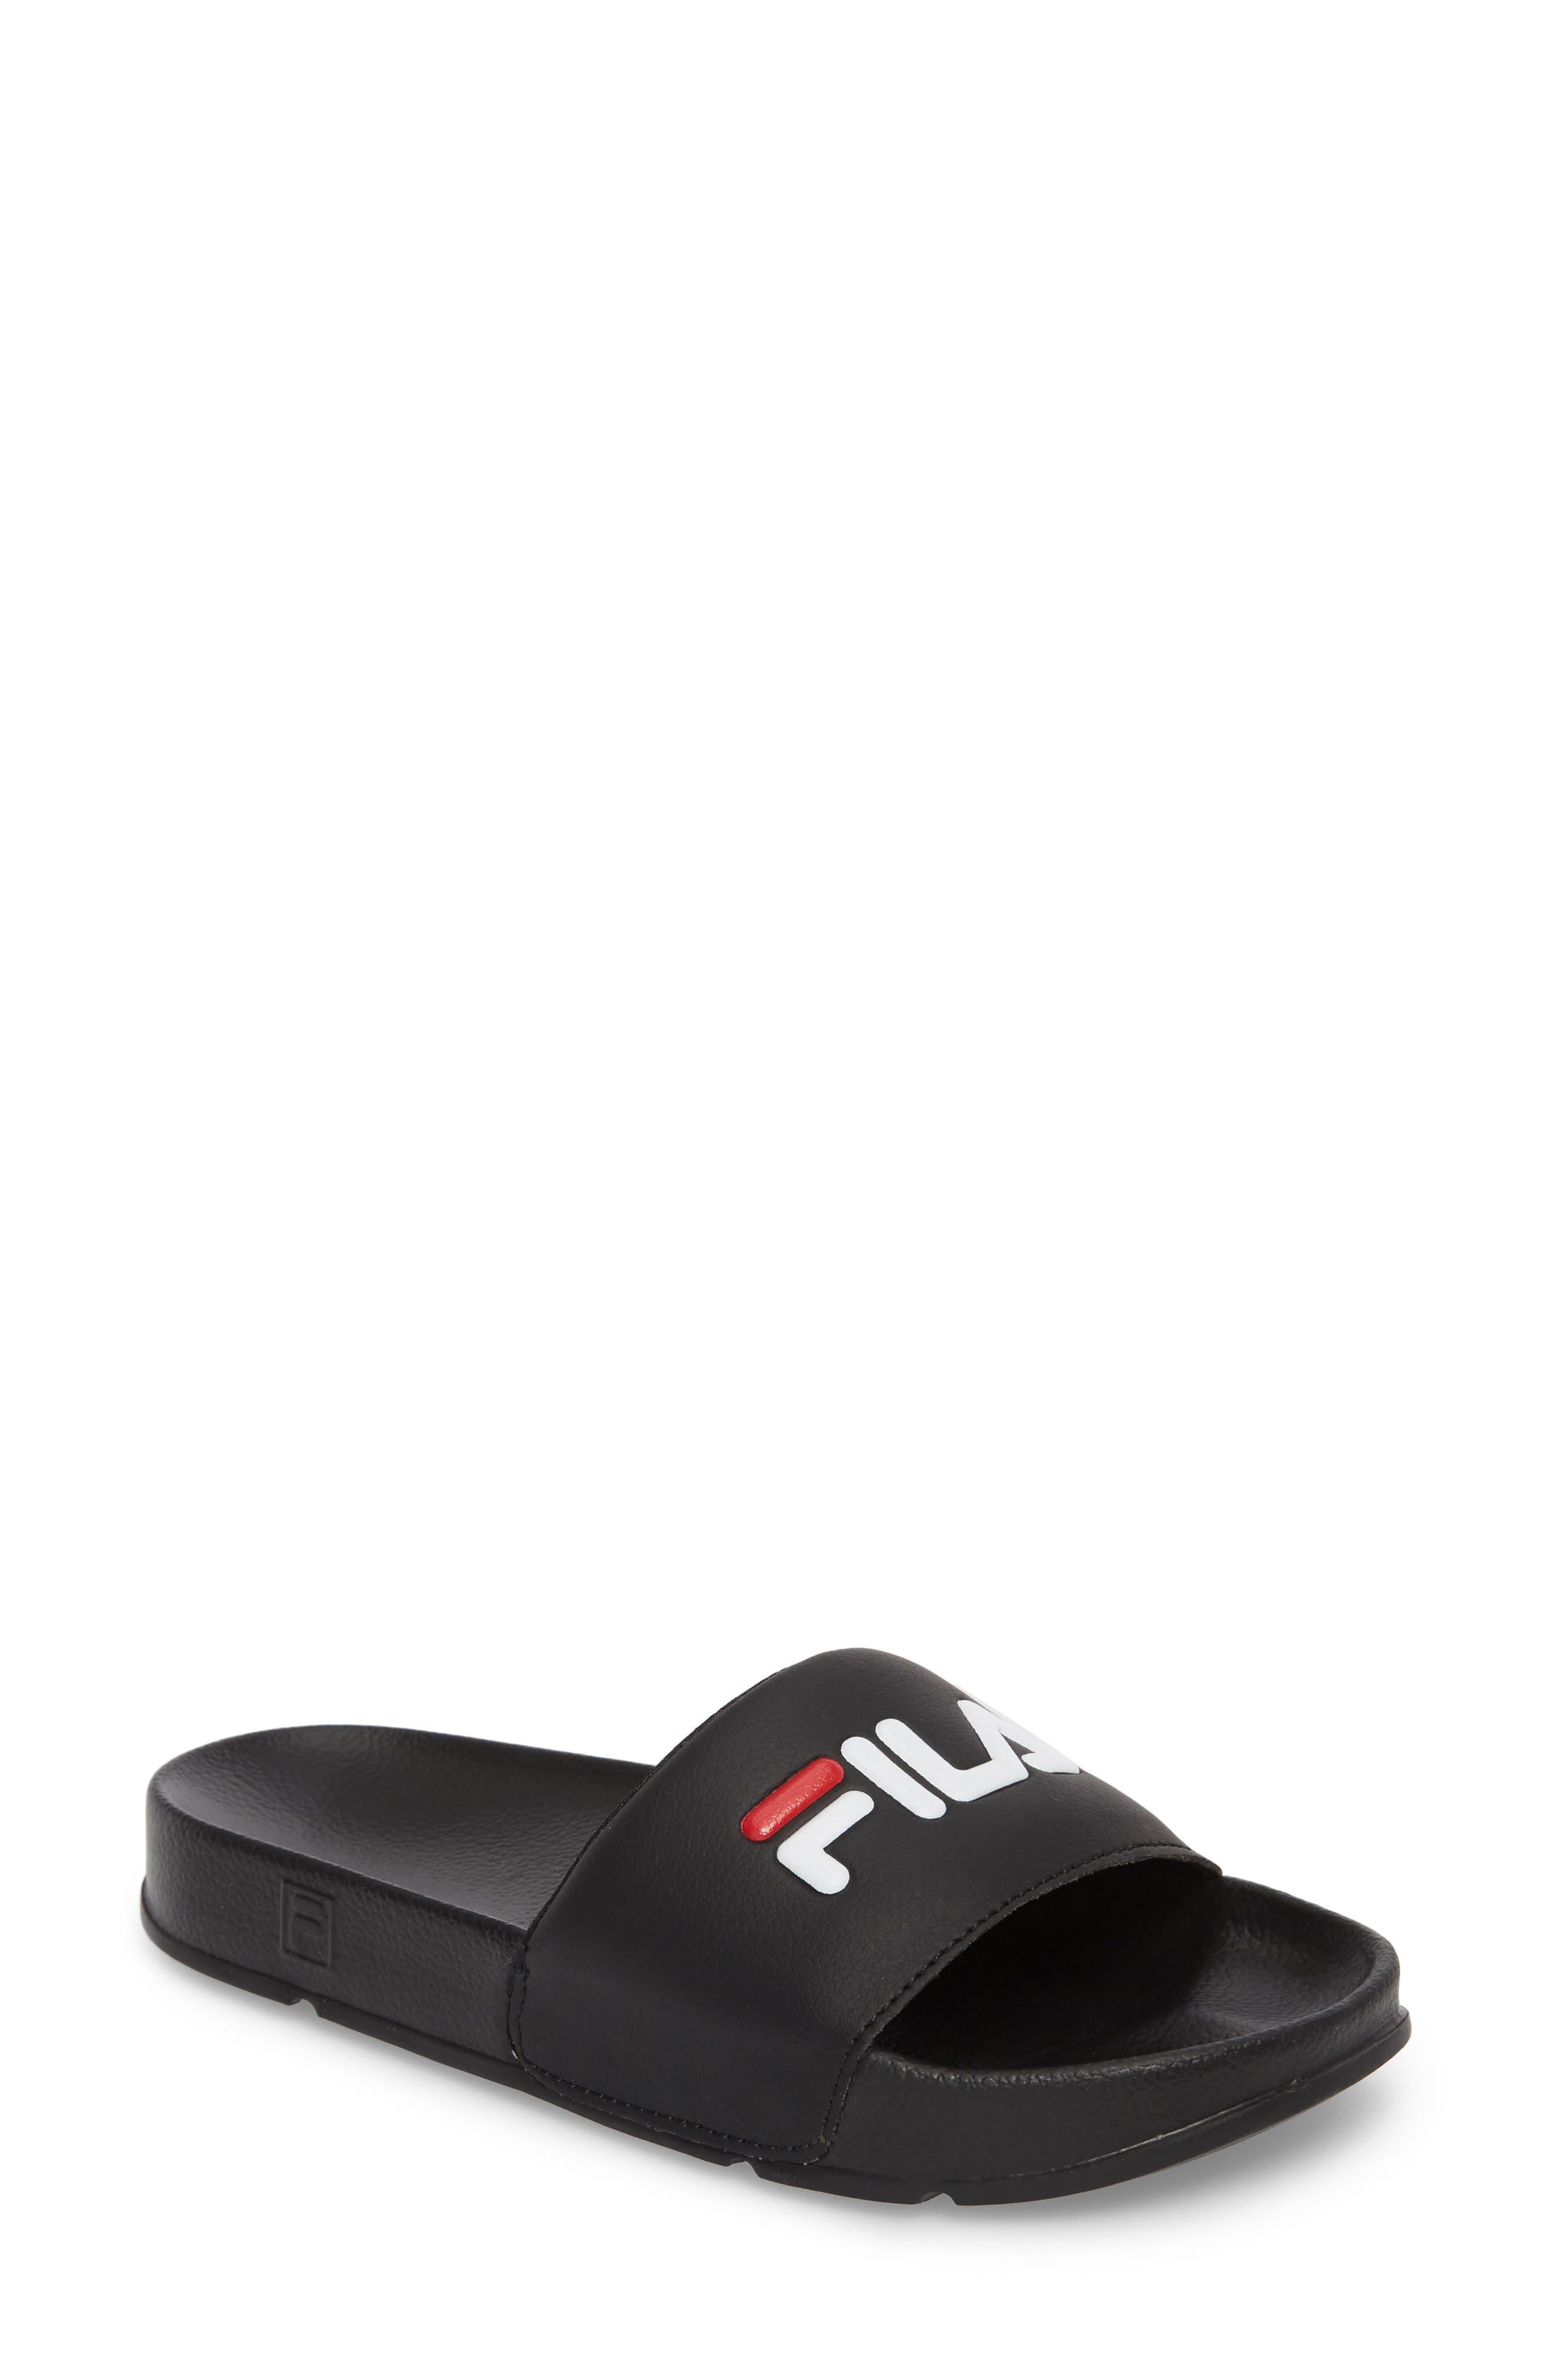 Drifter Slide Sandal,                             Main thumbnail 1, color,                             Black/ Red/ White